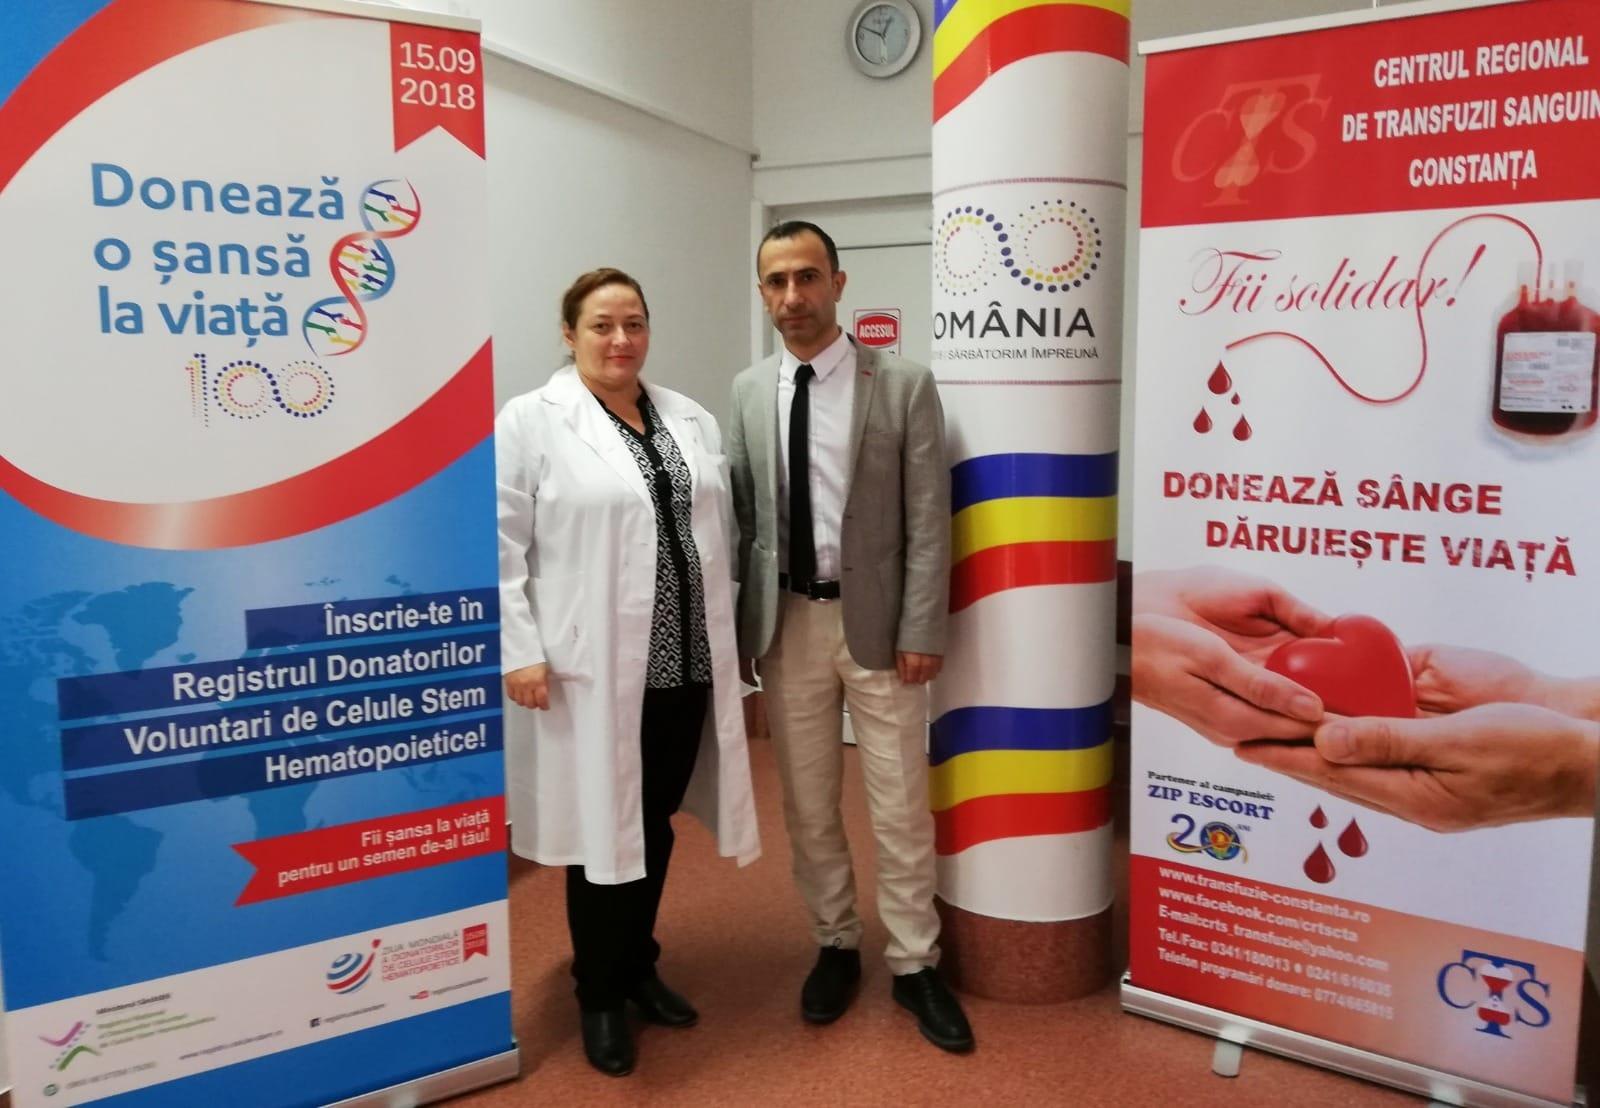 Director al Centrului Regional de Transfuzie Sanguina Constanta